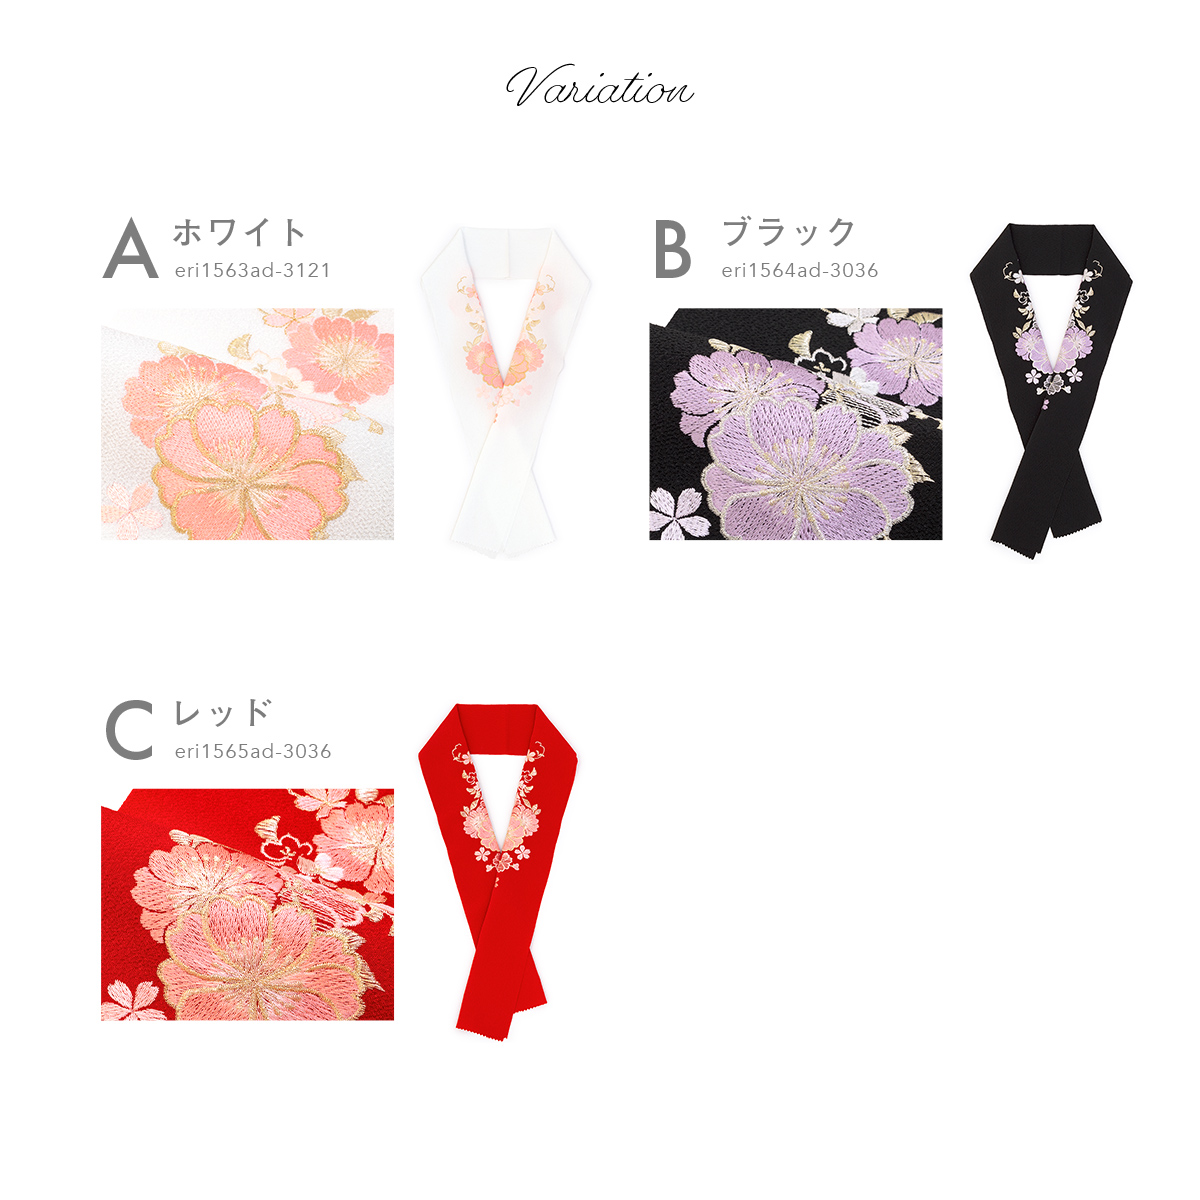 繊細な刺繍が華やかな半衿